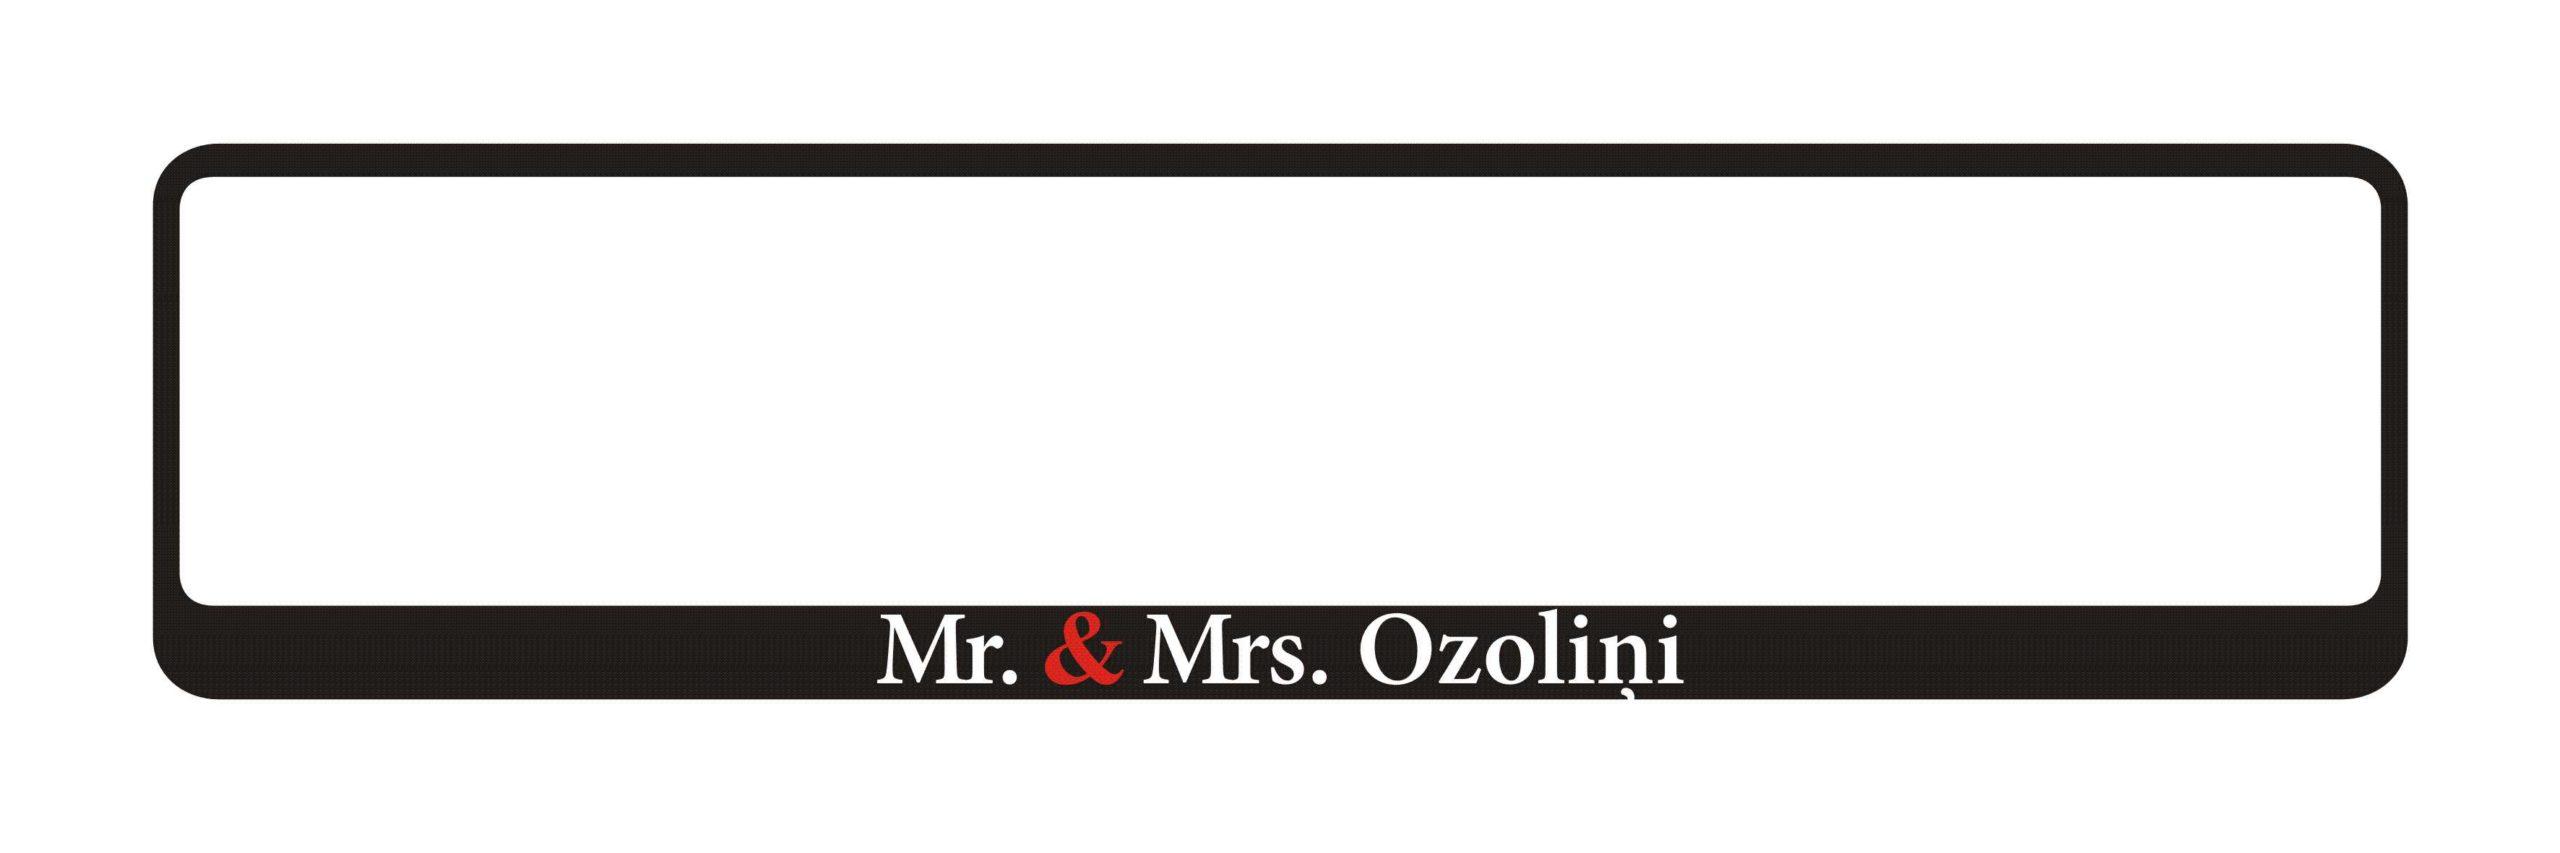 LATSIGN Auto numura turētājs ar uzrakstu - Mr. & Mrs.